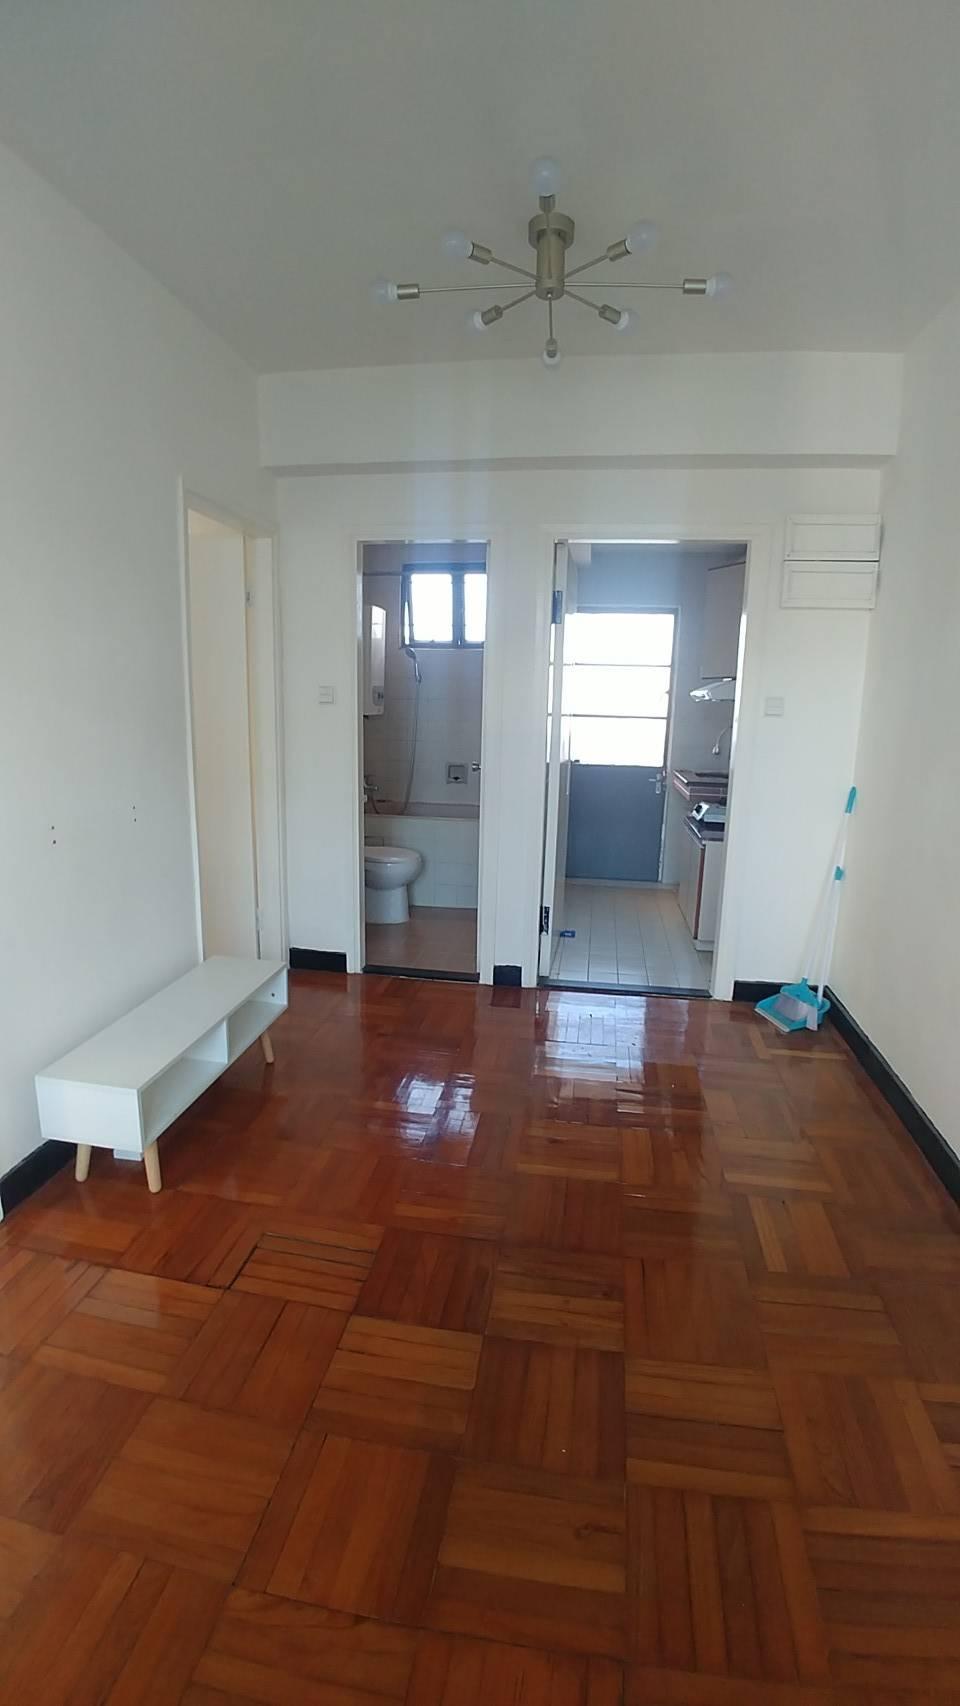 元朗洋樓系列 —新基大廈2房,有匙引56814617